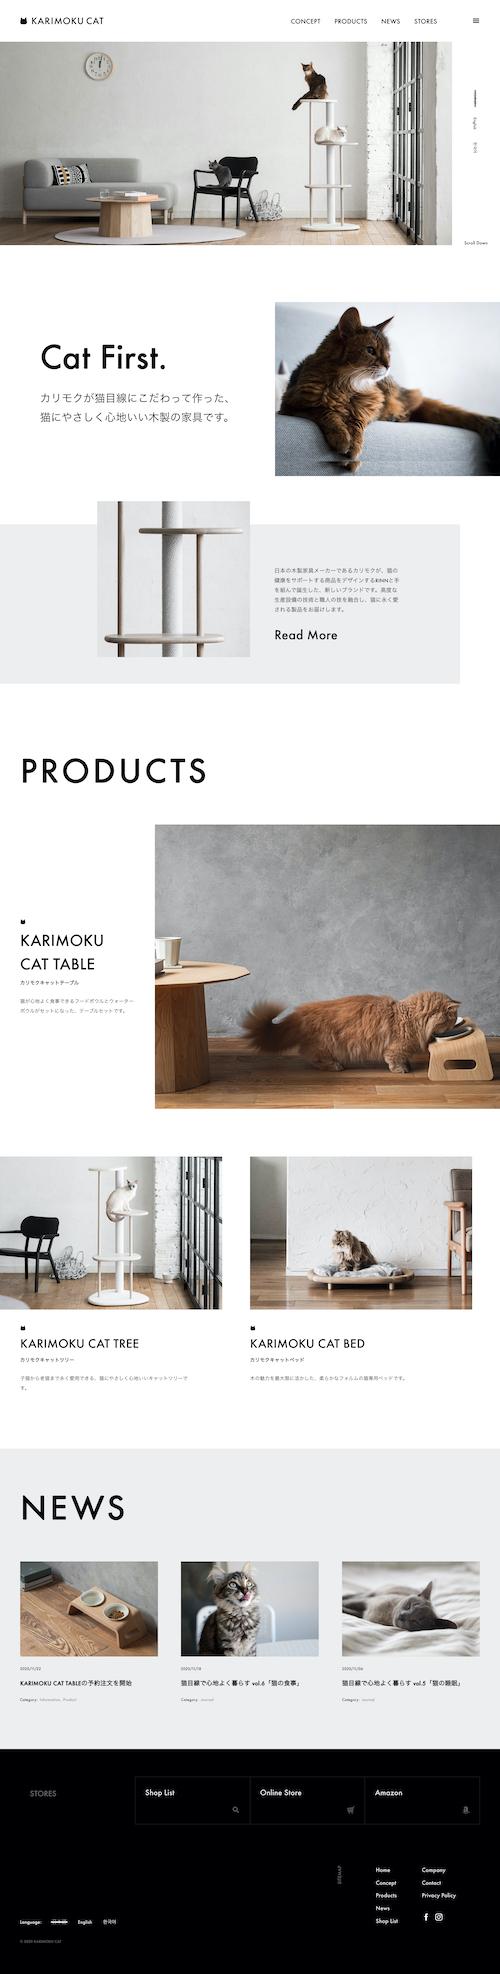 karimoku-cat-top